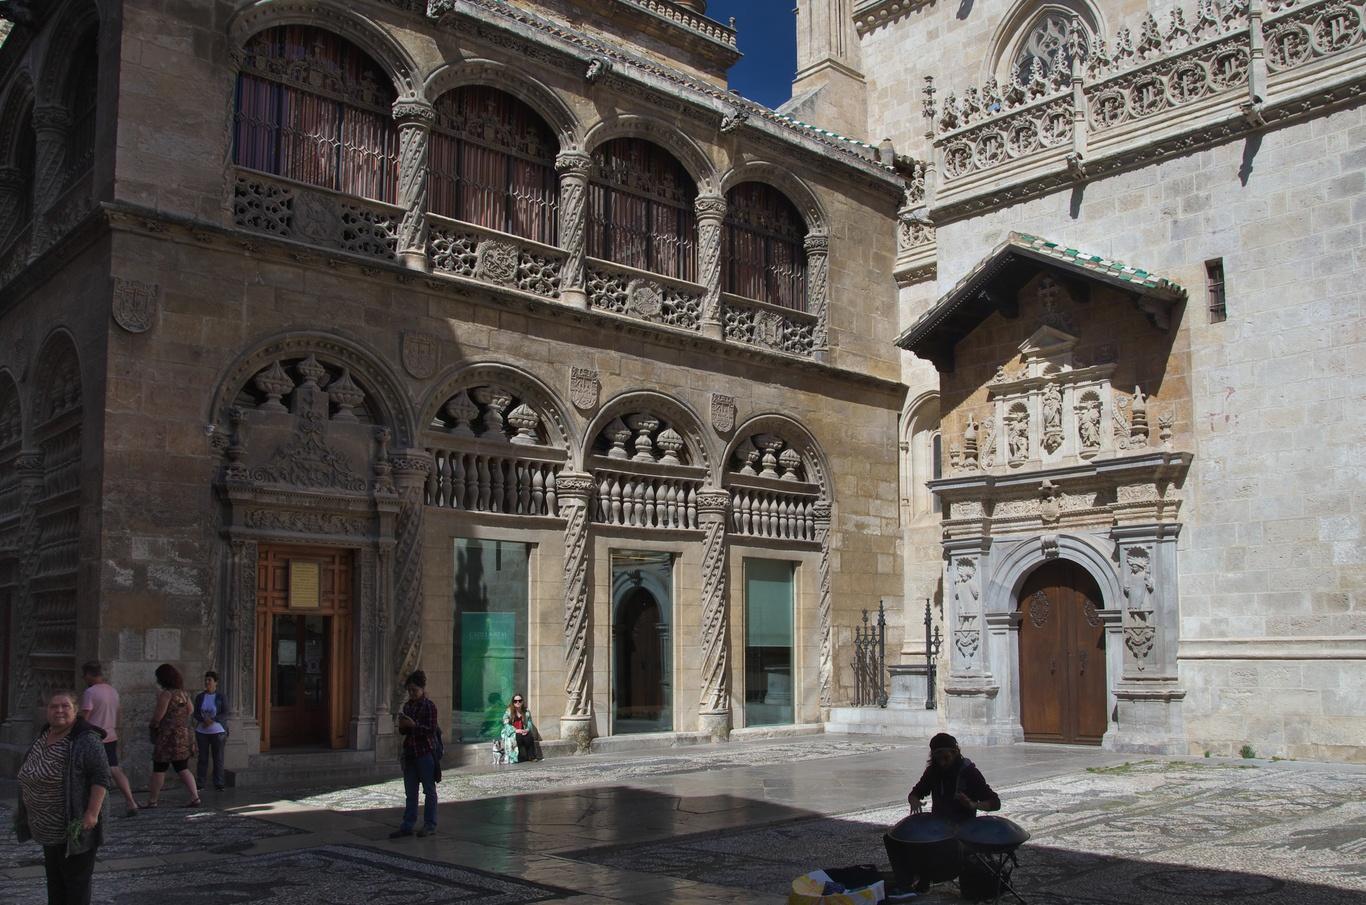 Královská kaple (Capilla Real)